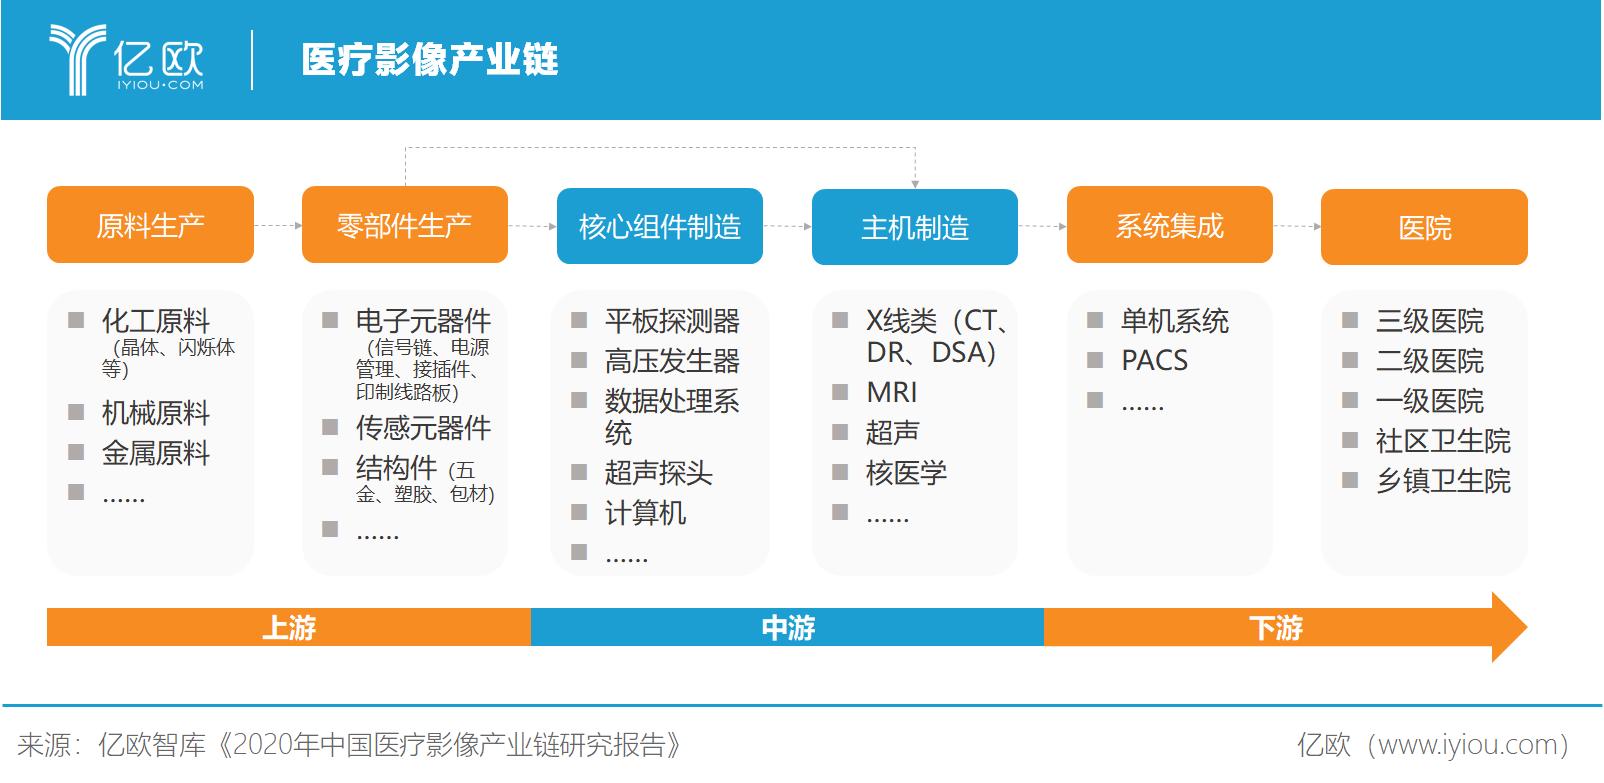 亿欧智库:医疗影像产业链